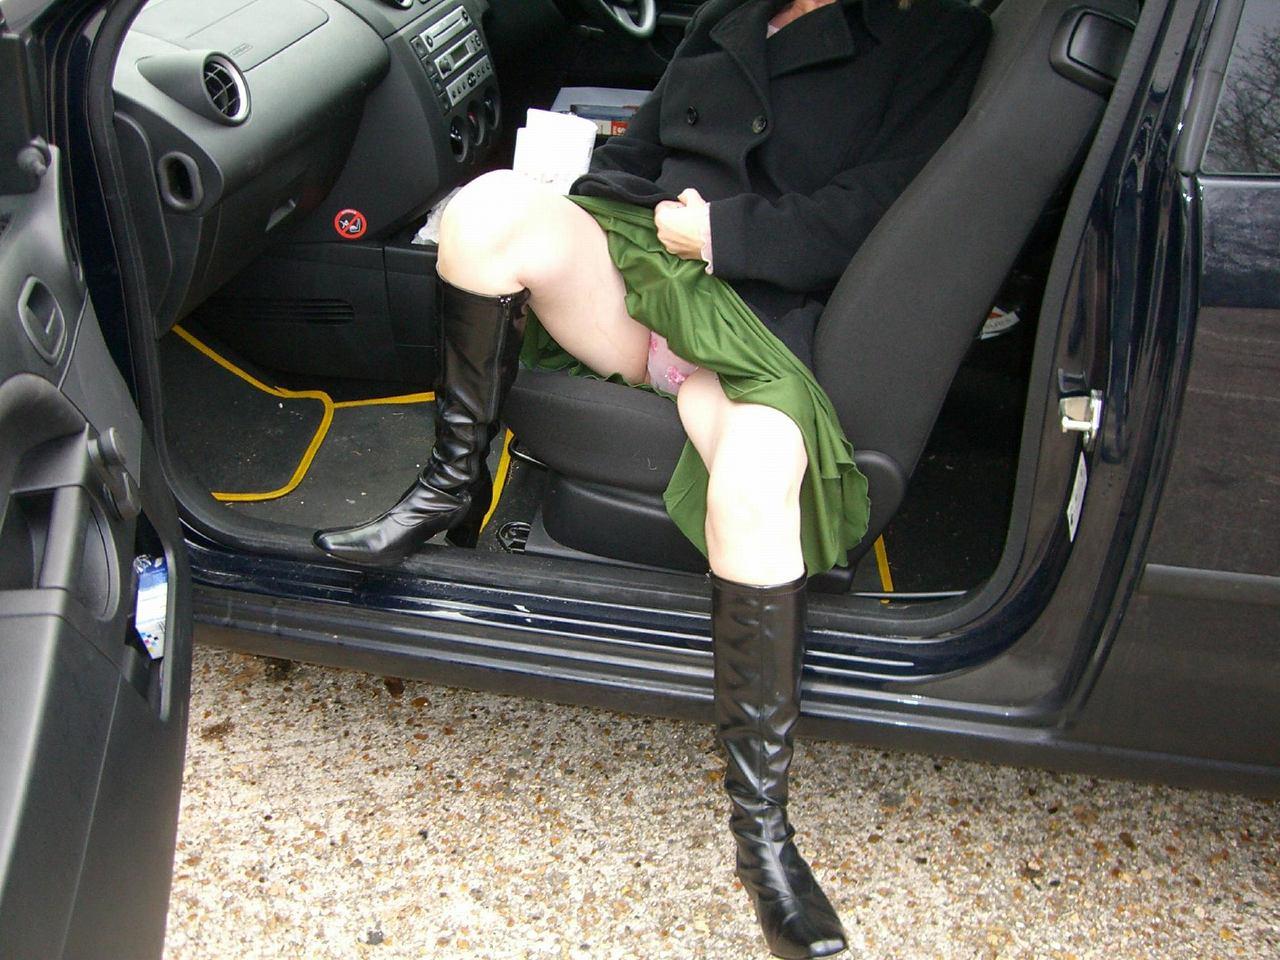 車の乗り降りする時のパンツ丸見えチャンスを秘密撮影した写真がこちらですwww 32枚